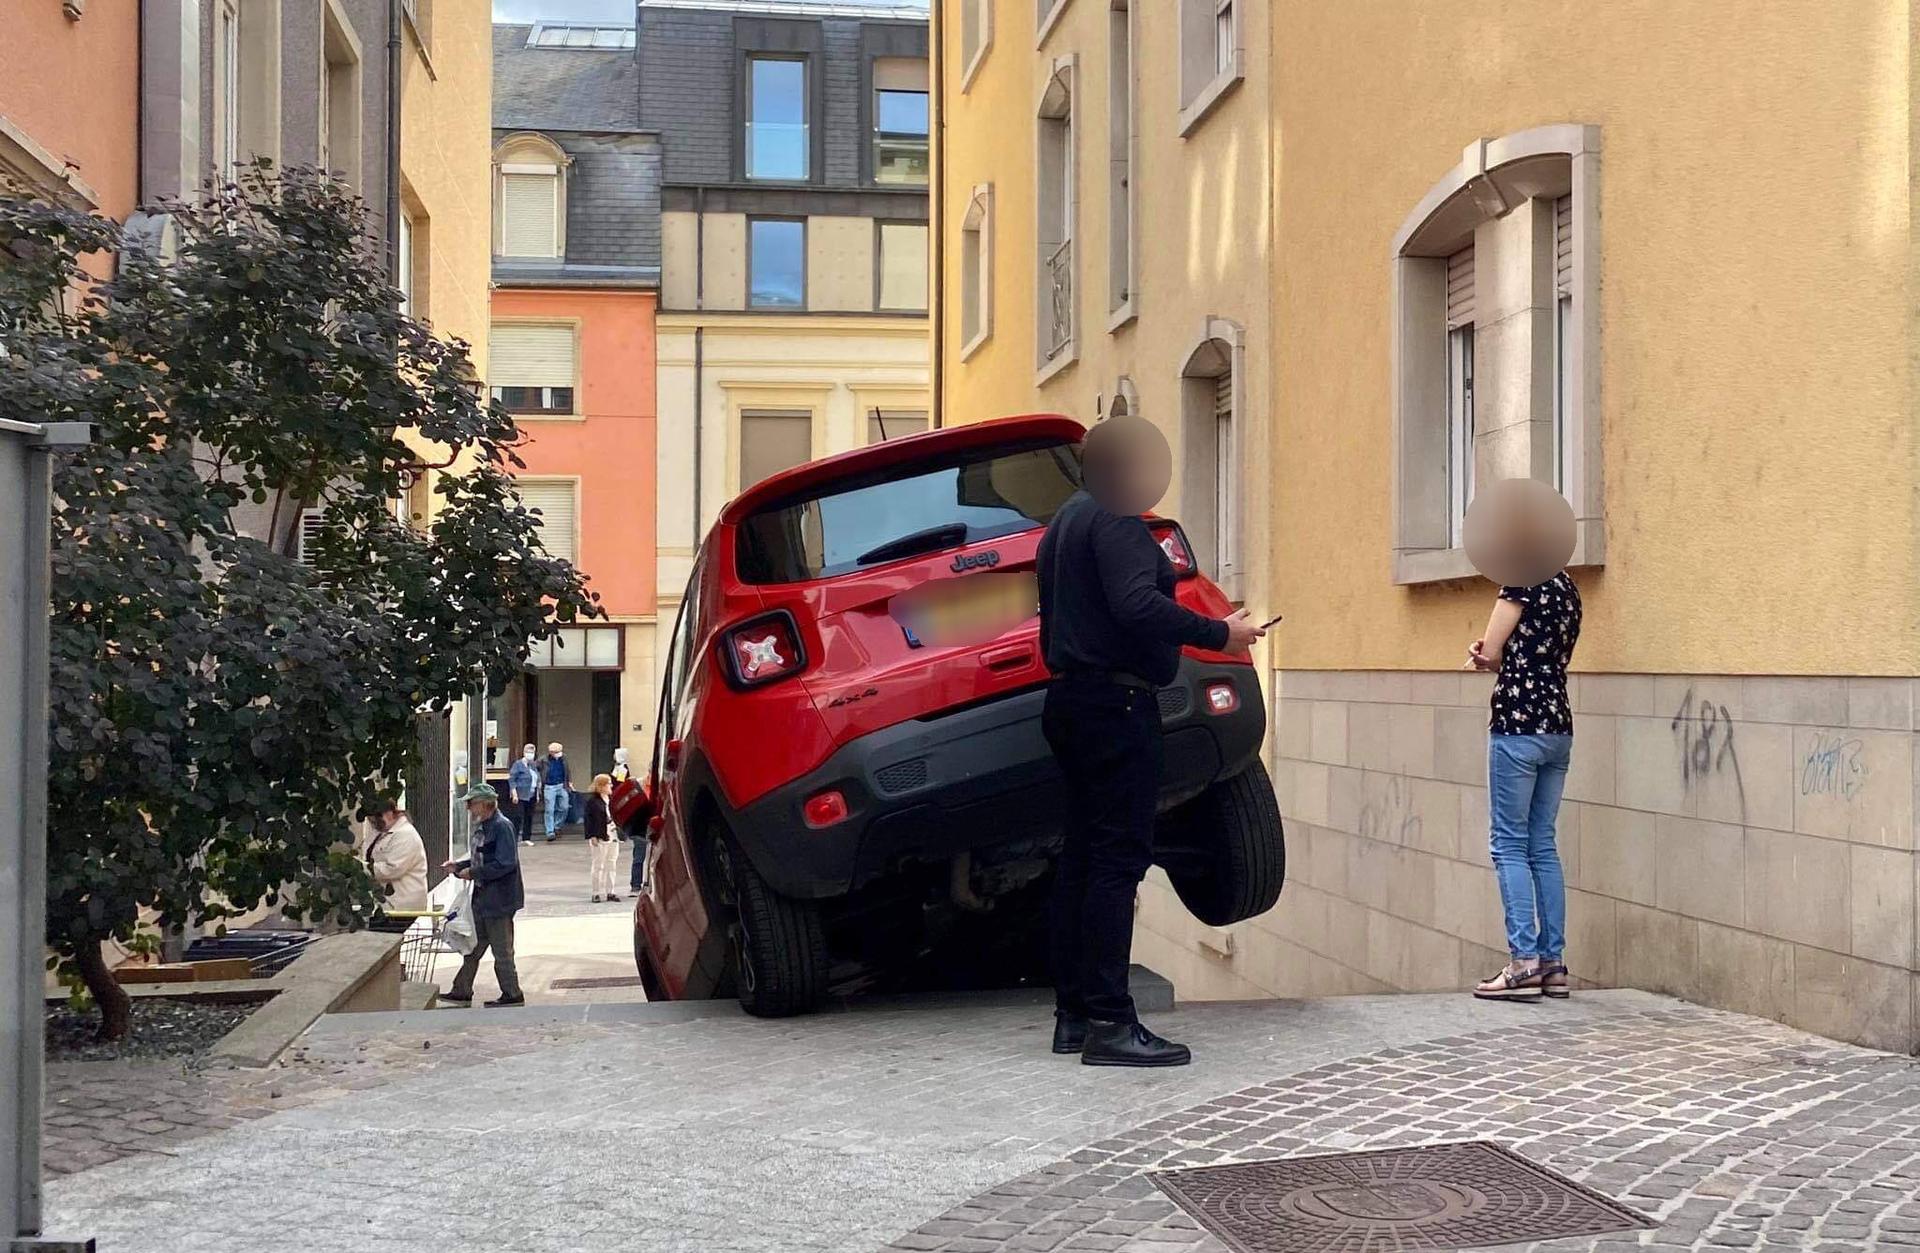 Insolite :Un SUV en fâcheuse posture à Ettelbruck